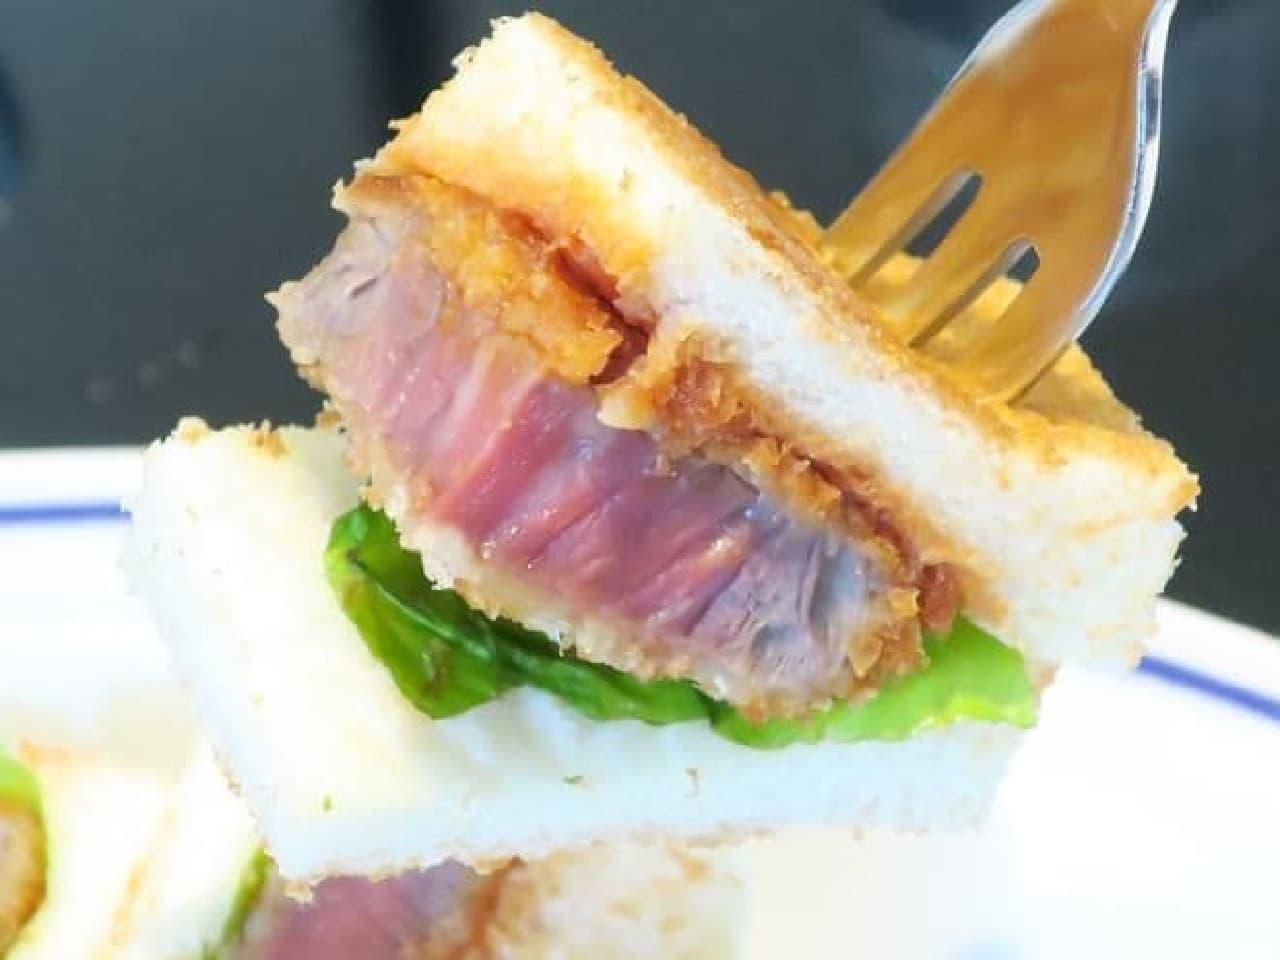 東京・銀座「カフェ木村家」で提供されている「ビーフヒレカツサンド」